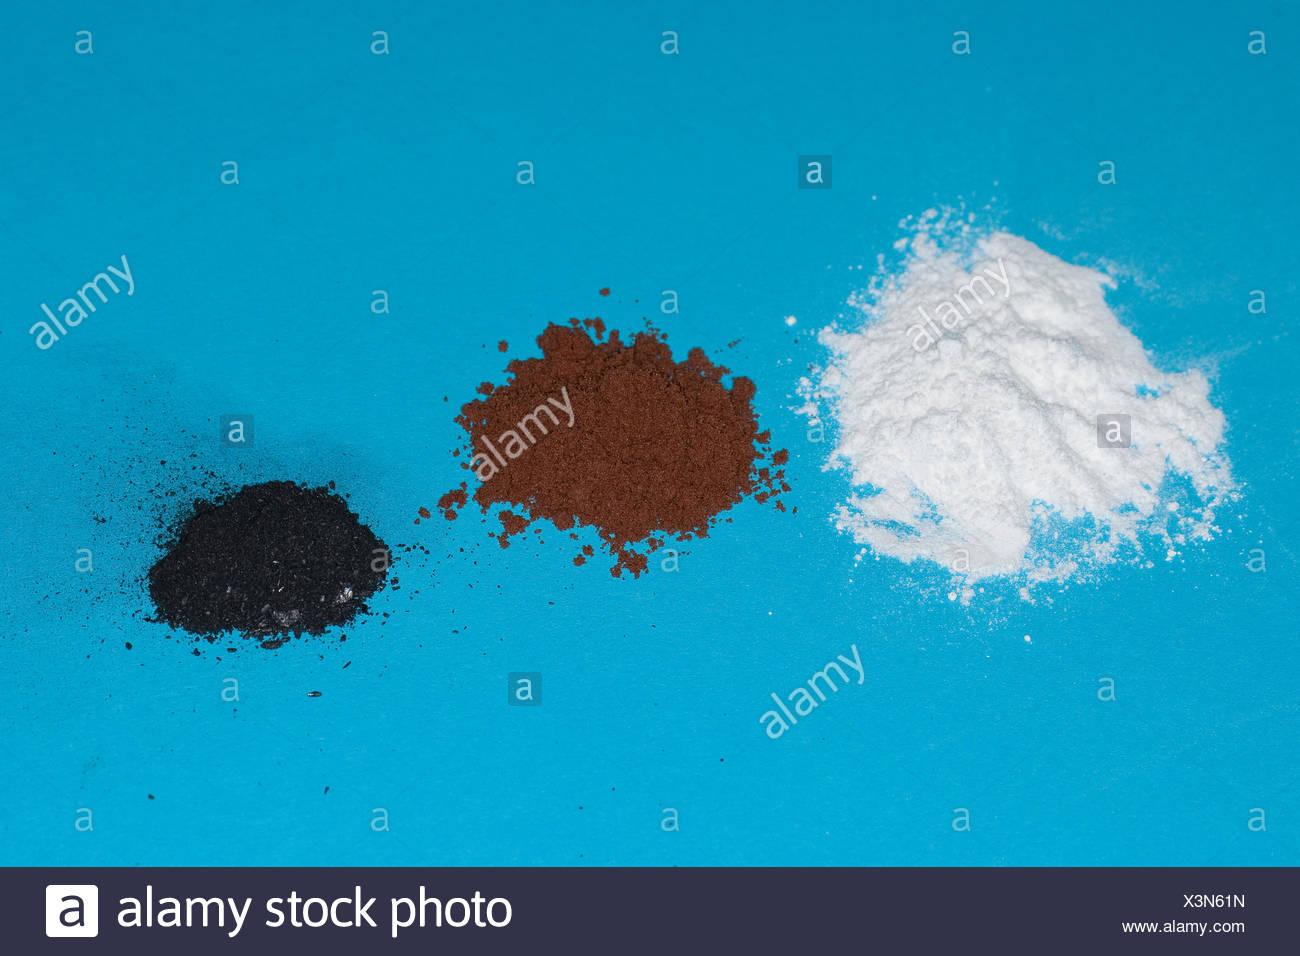 Material für Fingerabdrücken: Pulver, Kakaopulver, Graphit vom Bleistift Stockbild